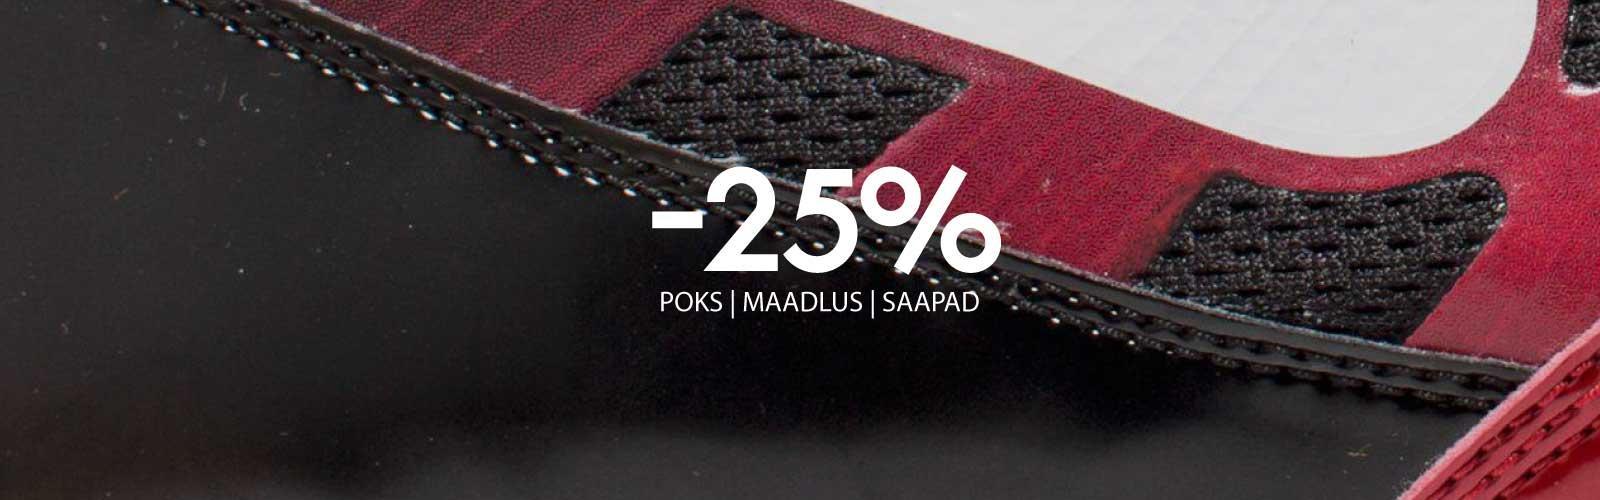 POKSISAAPAD JA MAADLUSSAAPAD -25%